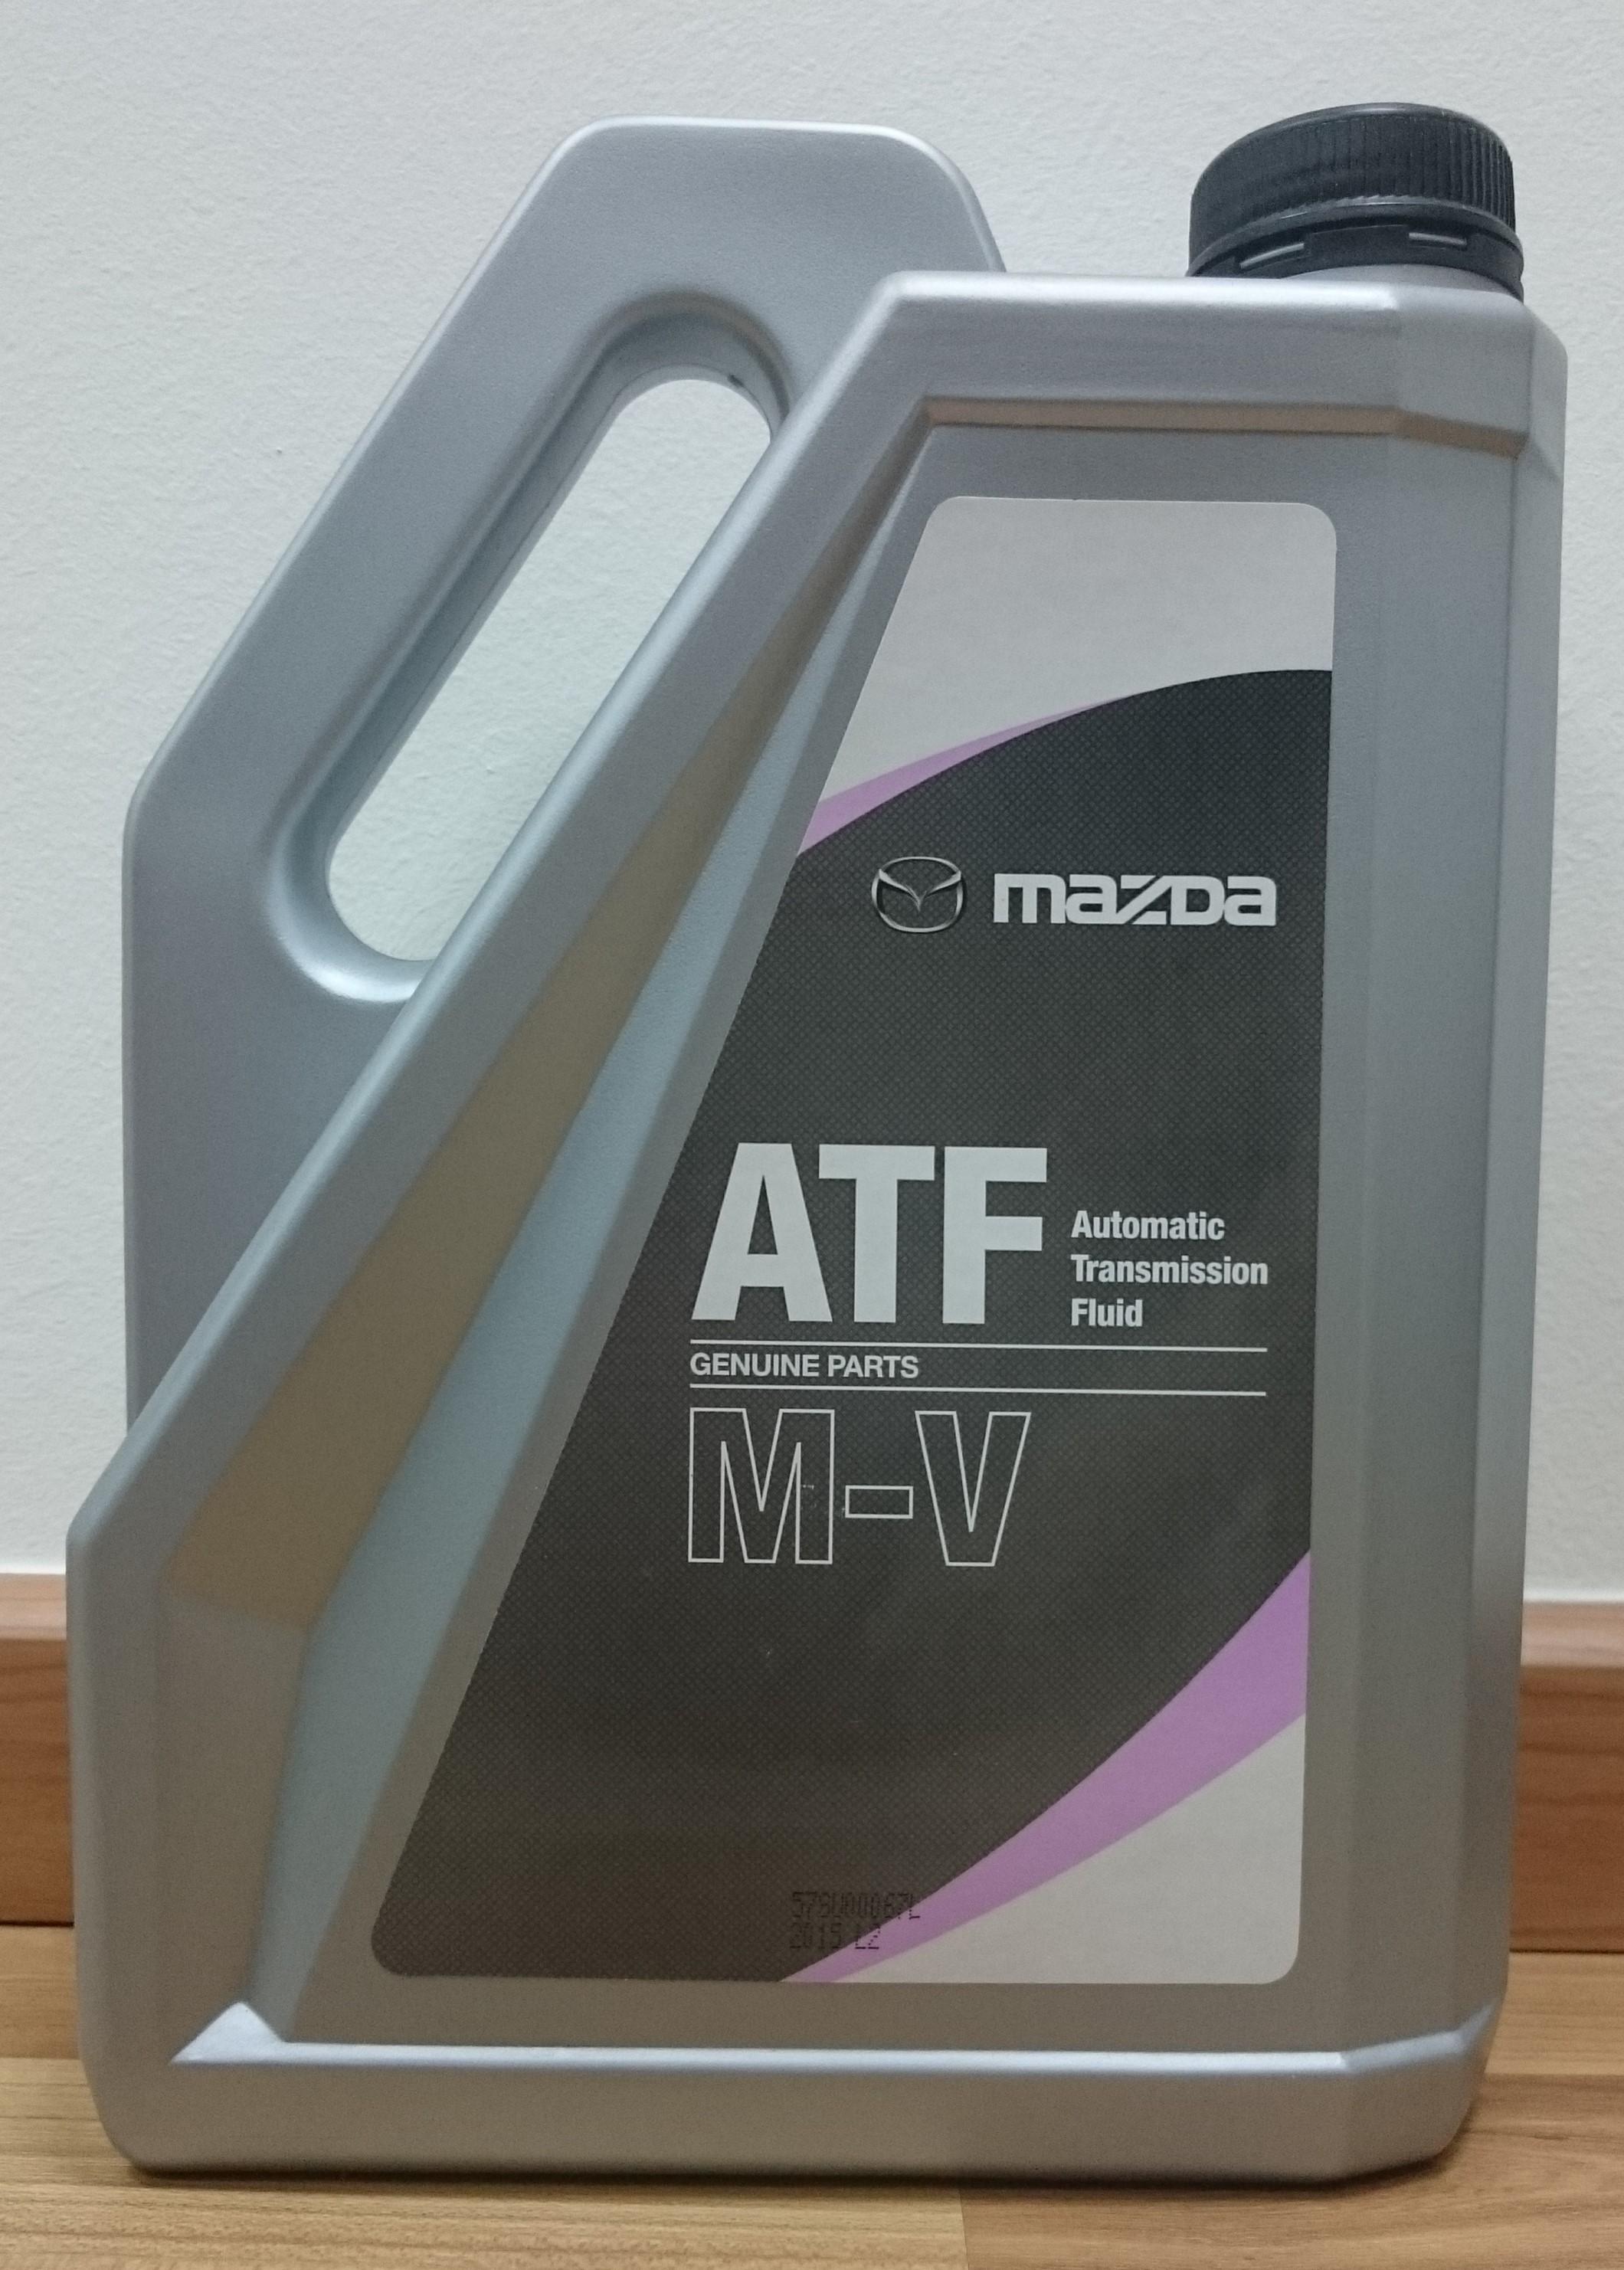 MAZDA AUTO TRANSMISSION FLUID M-V / ATF 4 Liter